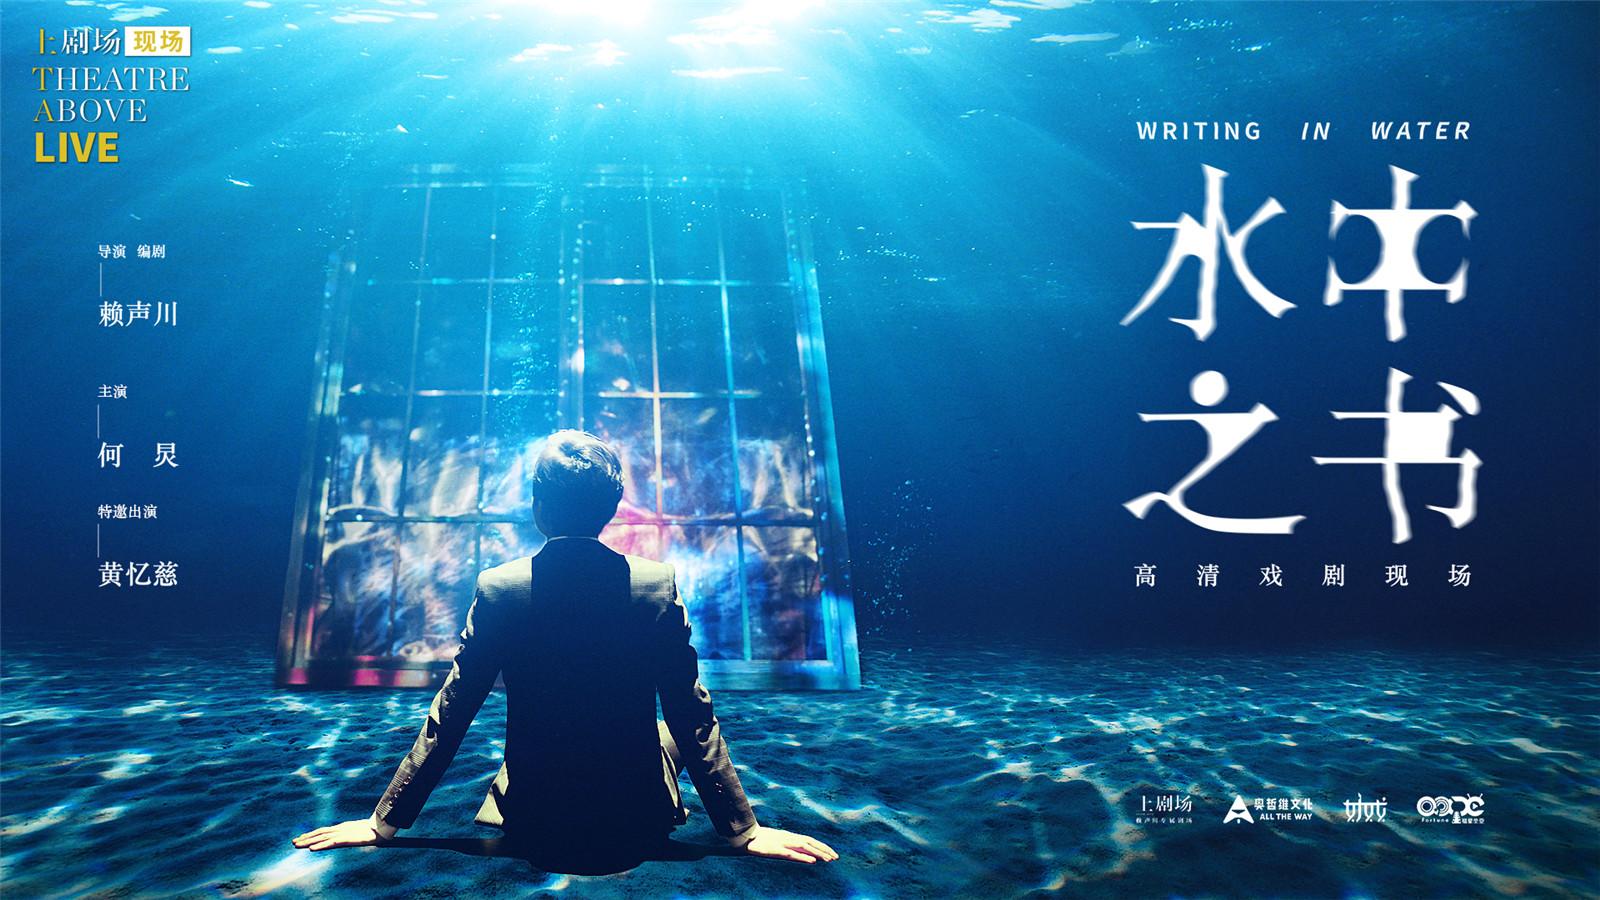 赖声川舞台剧《水中之书》制作成戏剧影像,何炅主演10月上映图片